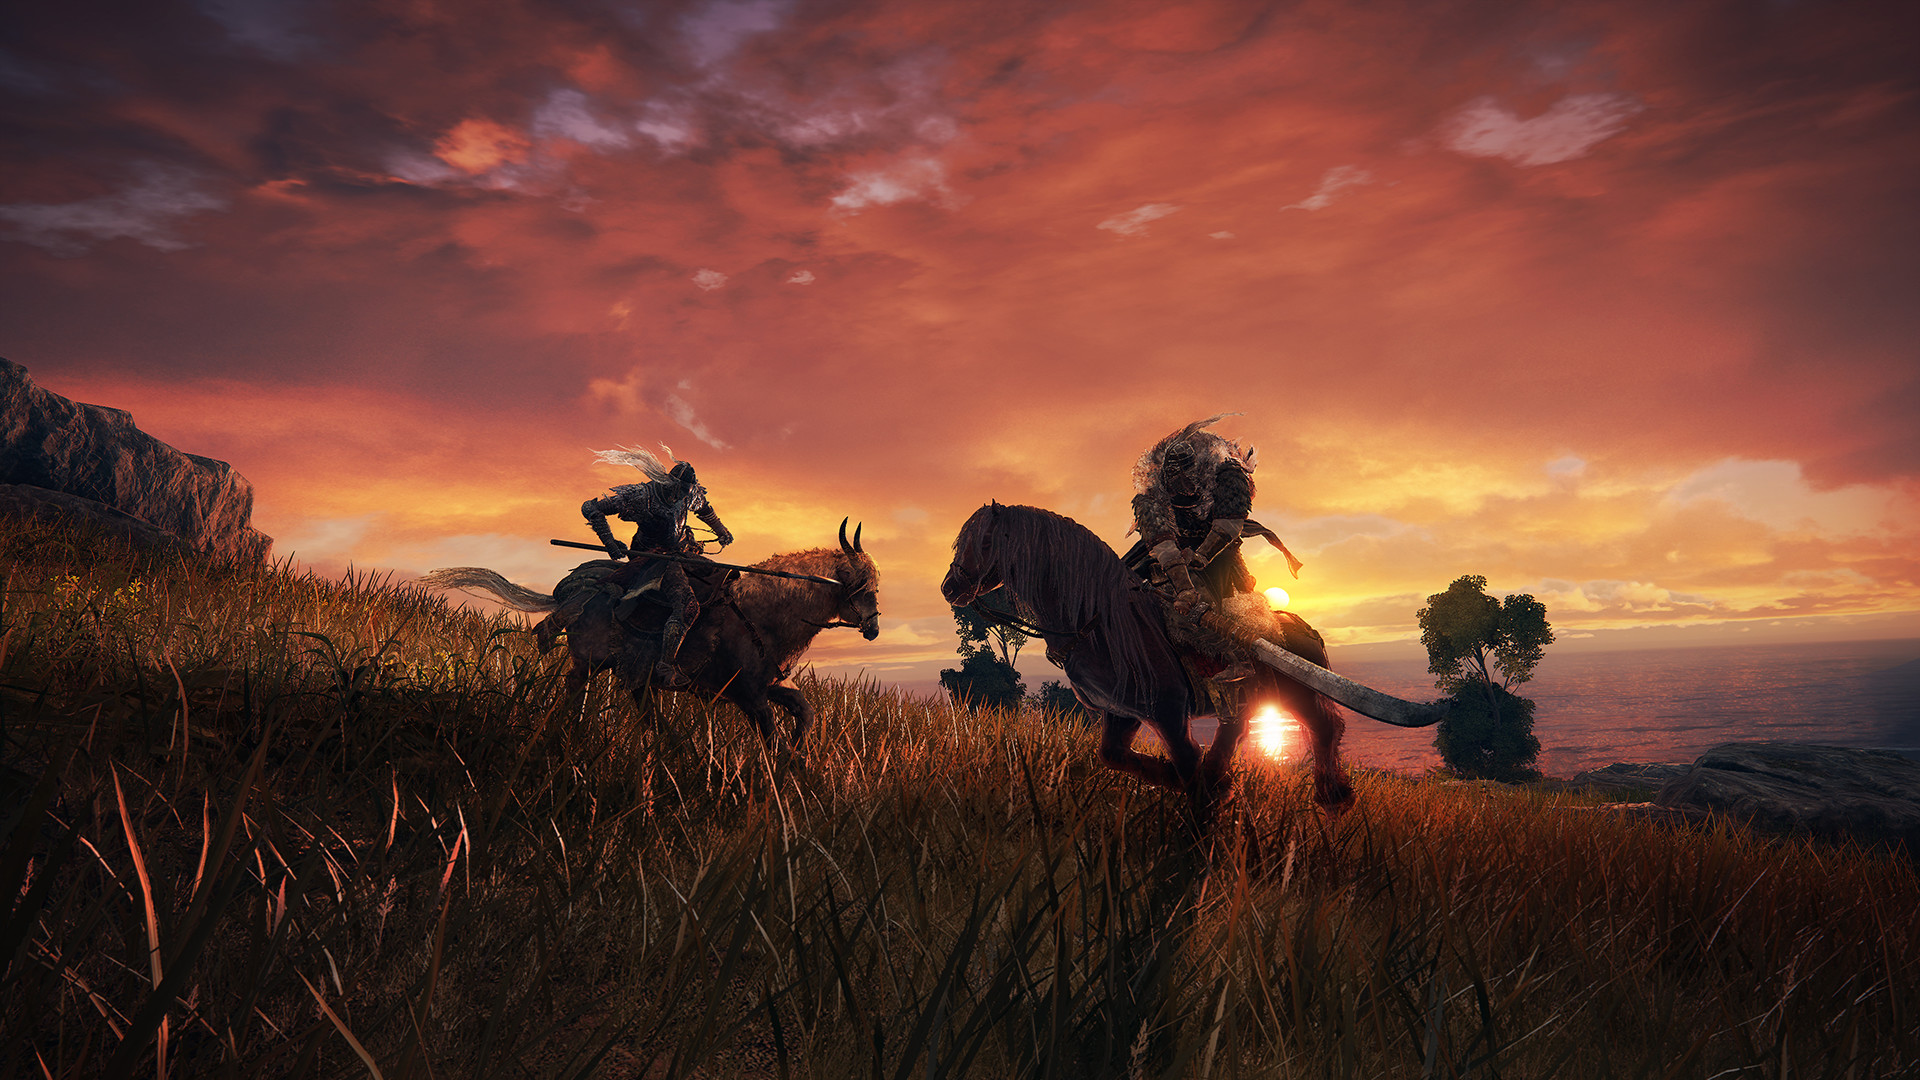 Elden Ring получила страницу в Steam и официальное описание